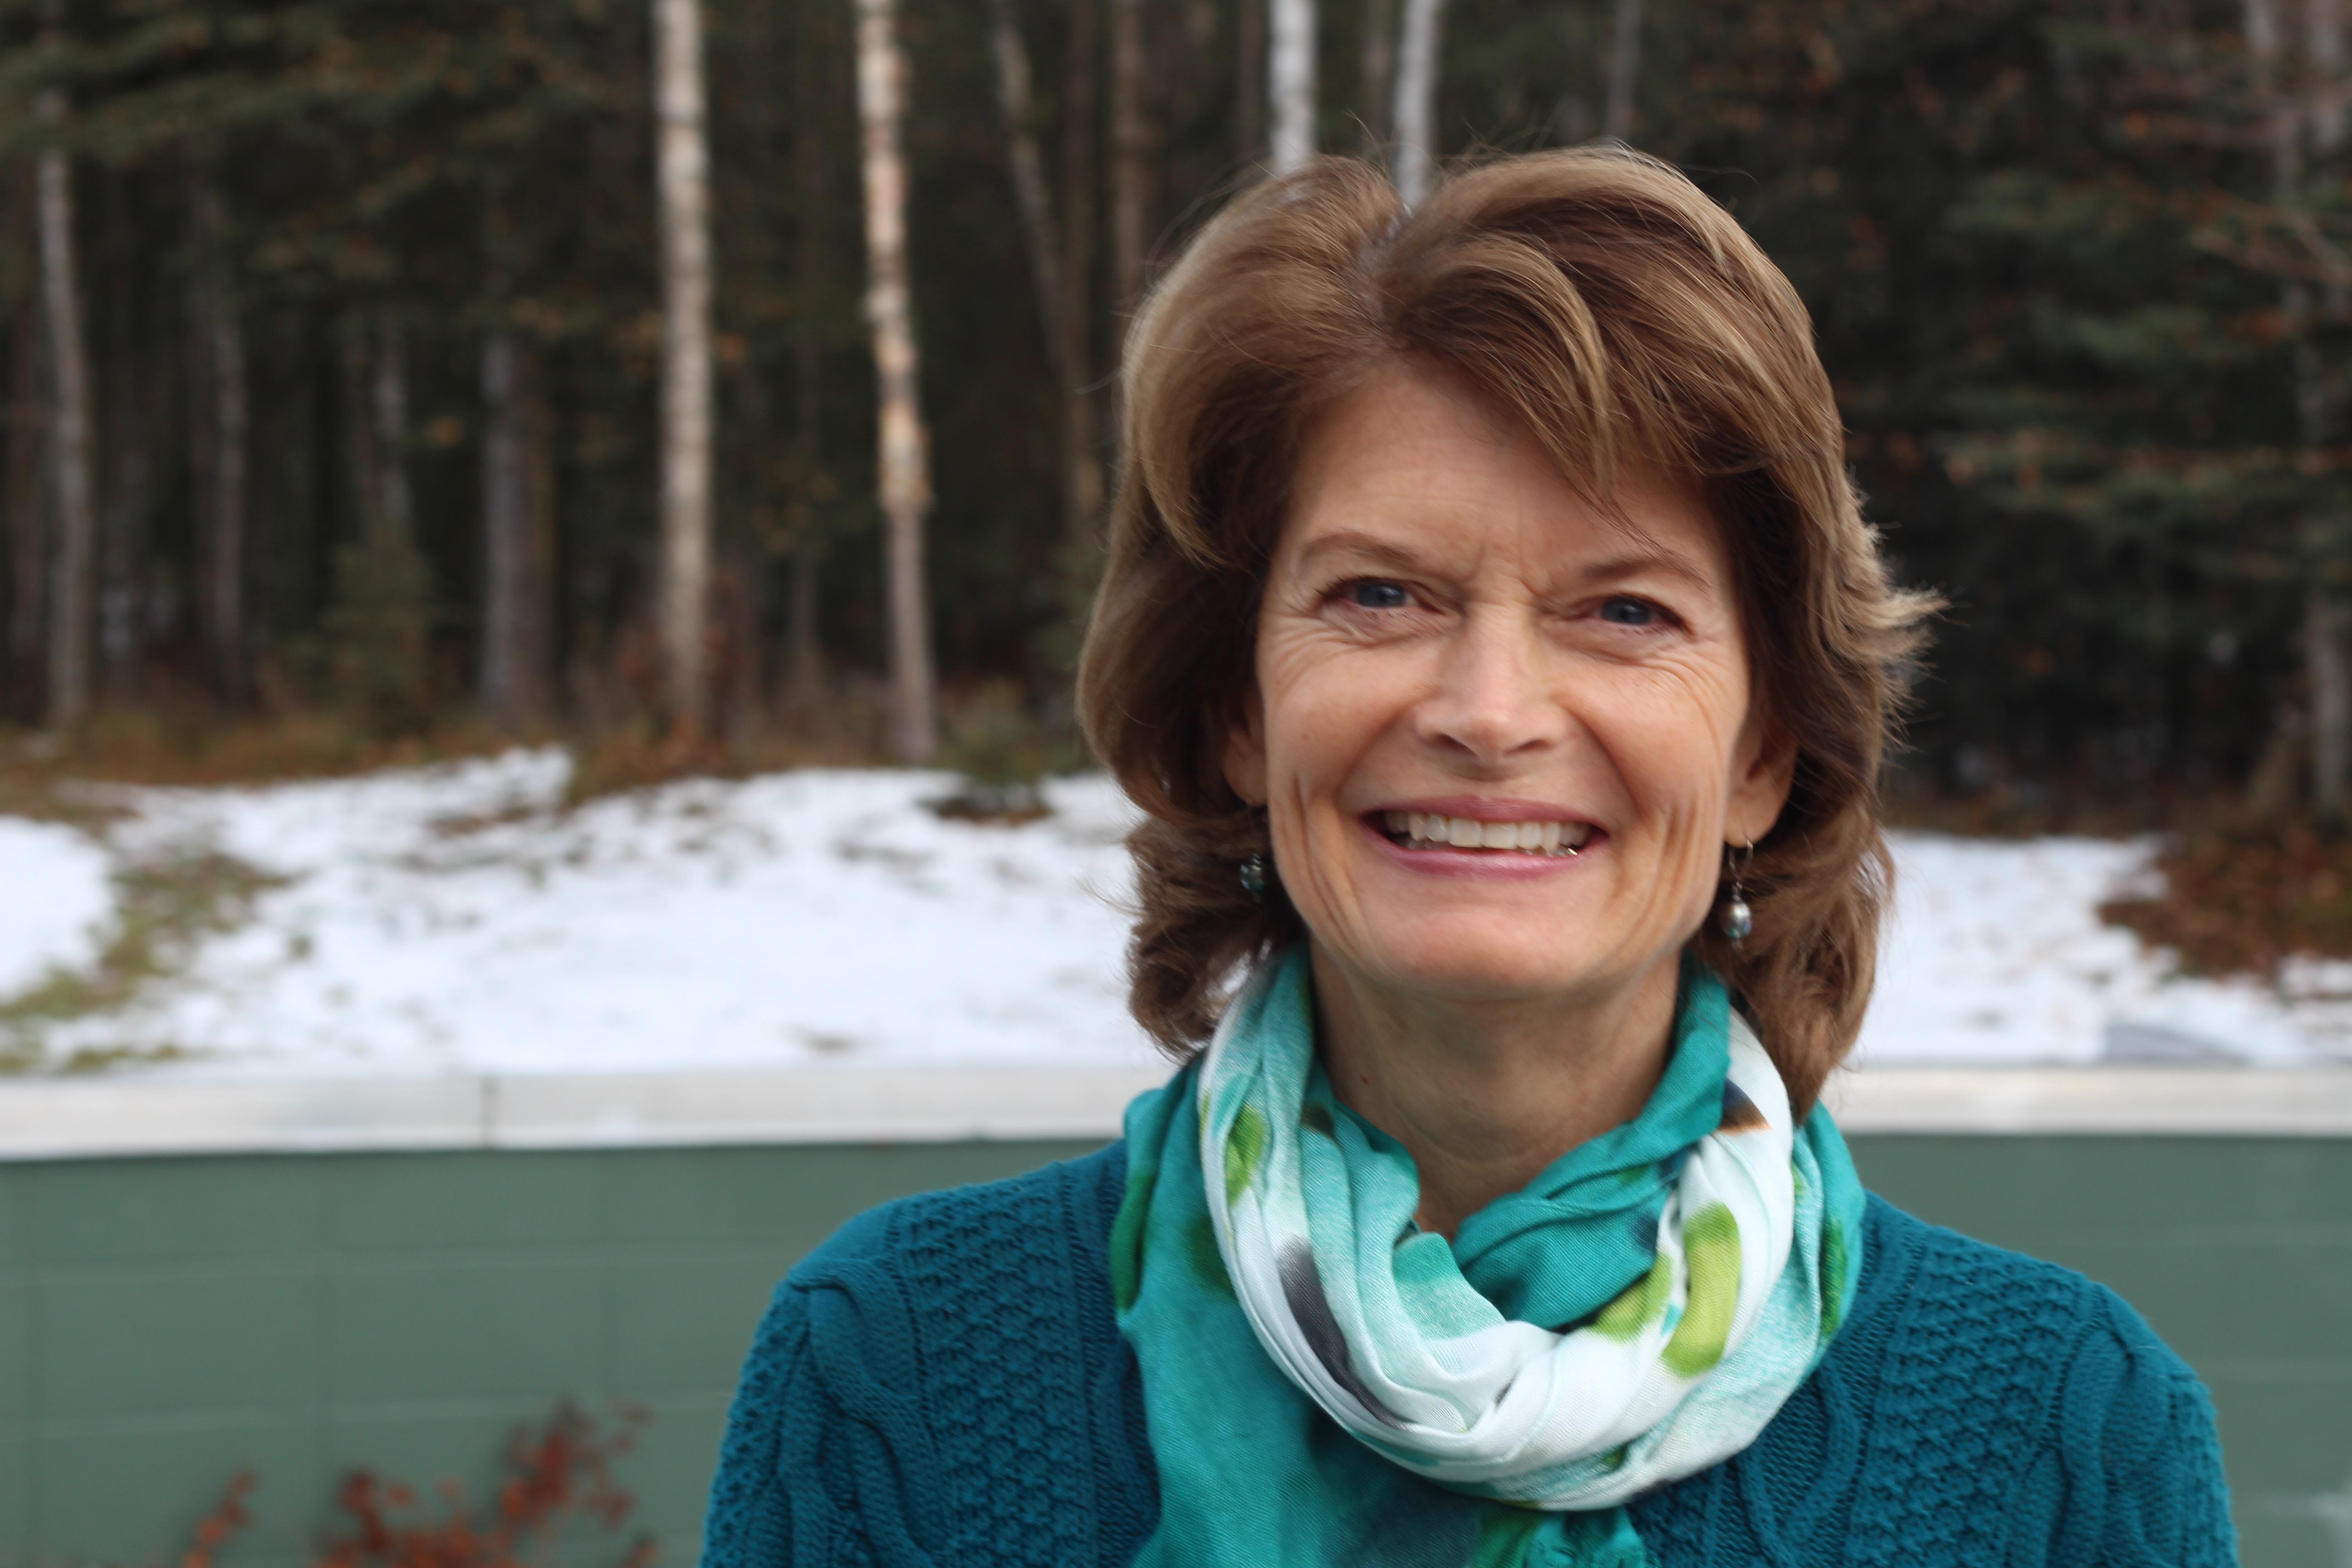 U.S. Sen. Lisa Murkowski